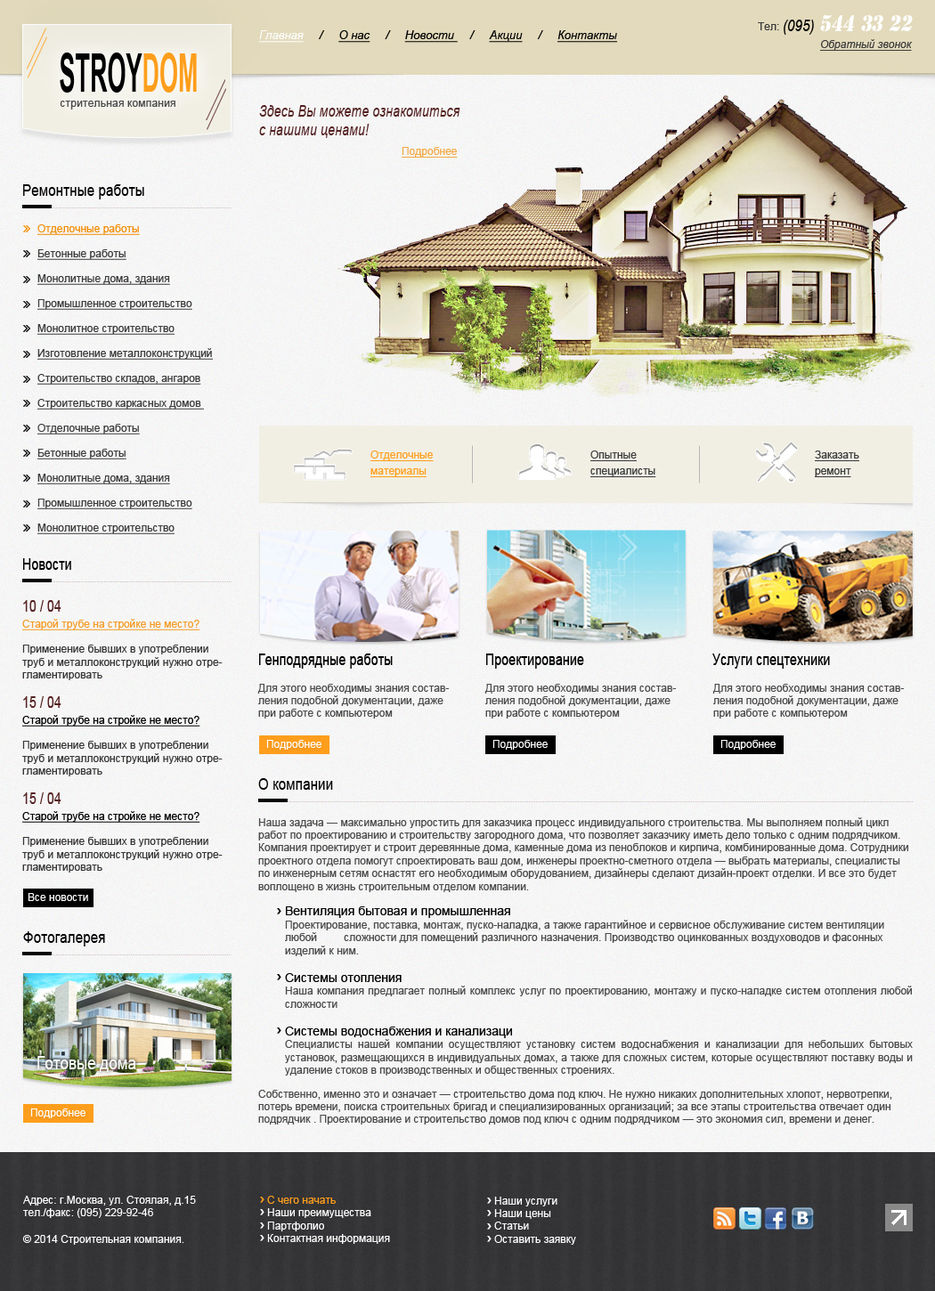 Сайт английских строительных компаний компания верхнее строение пути официальный сайт